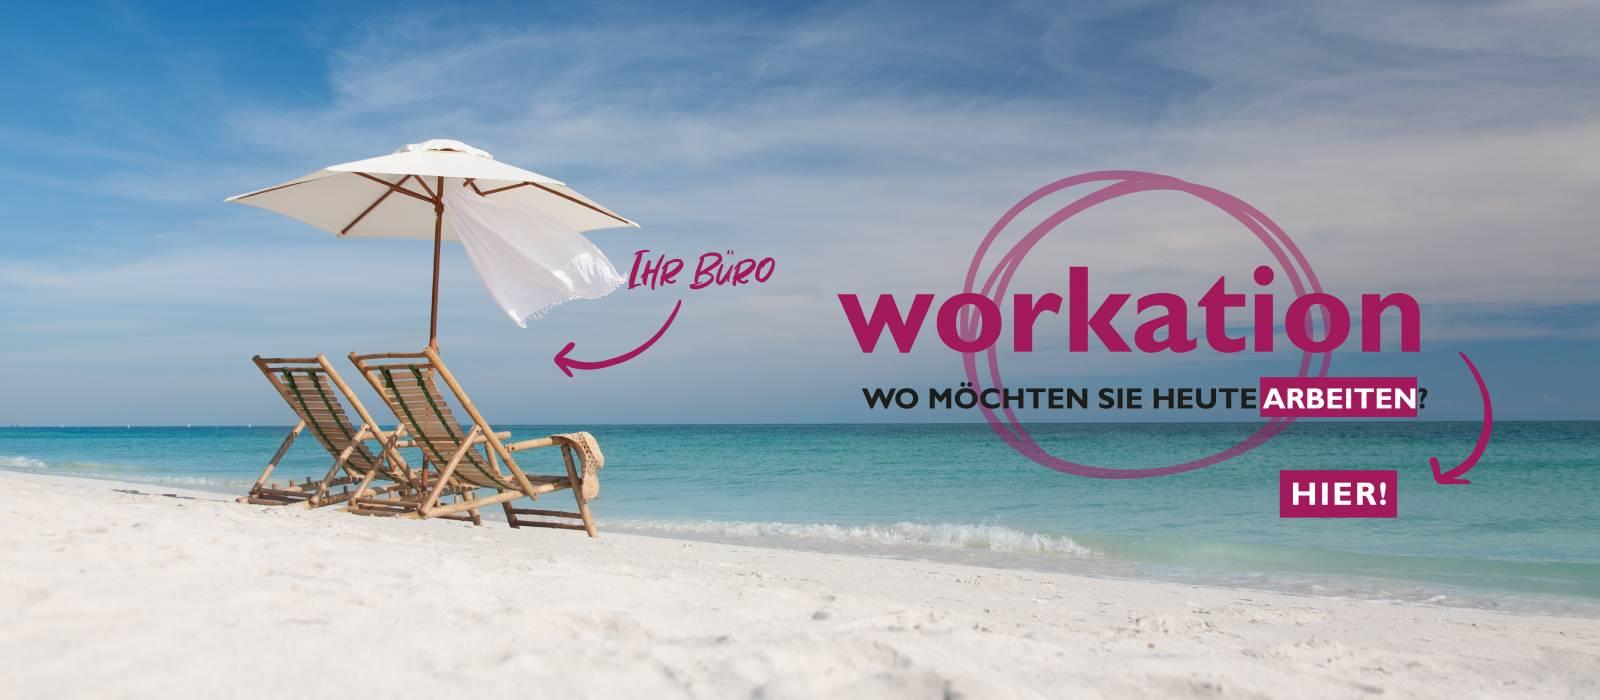 WORKATION DE